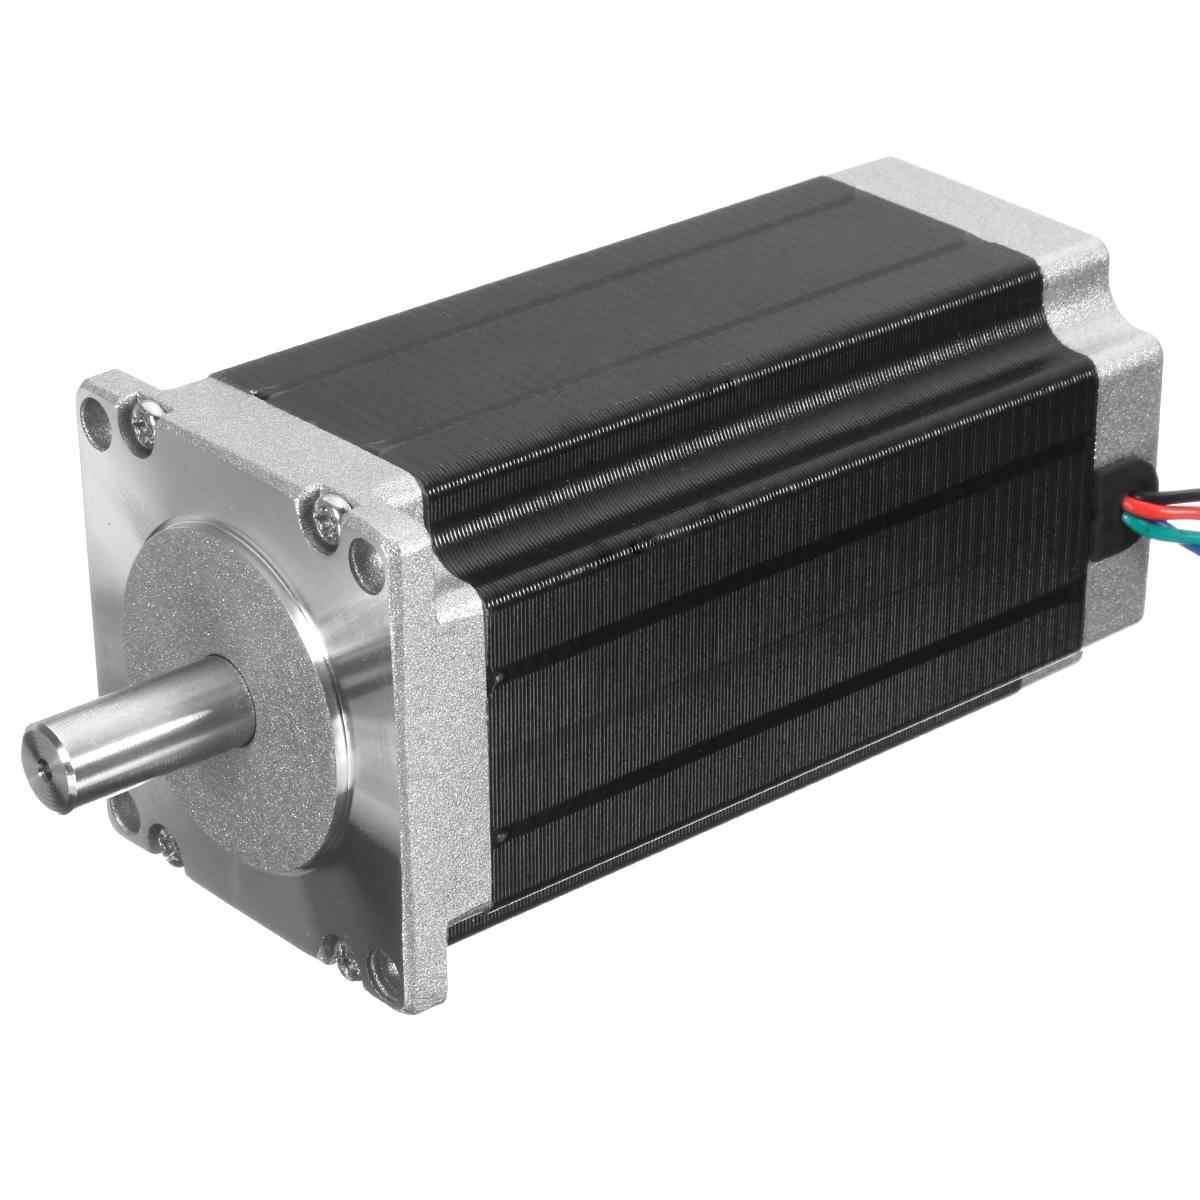 Nema 23 Stepper มอเตอร์ CNC 3.0Nm 4.2A 24-48 V 4-10mm Shaft DIY CNC หุ่นยนต์ 3D เครื่องพิมพ์